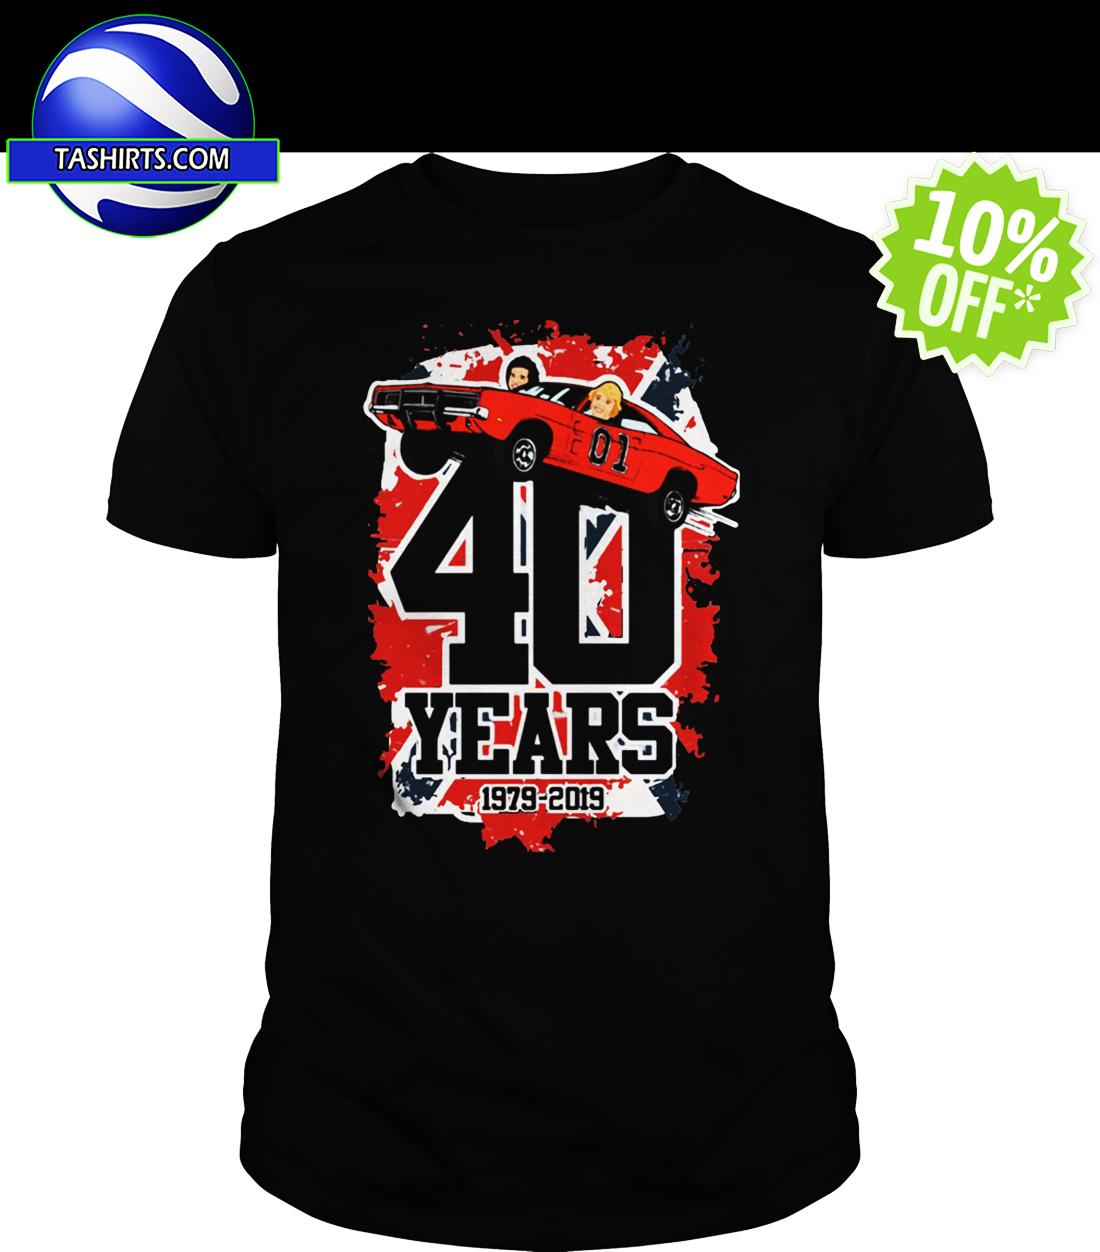 40 Years 1979-2019 The Dukes of Hazzard shirt